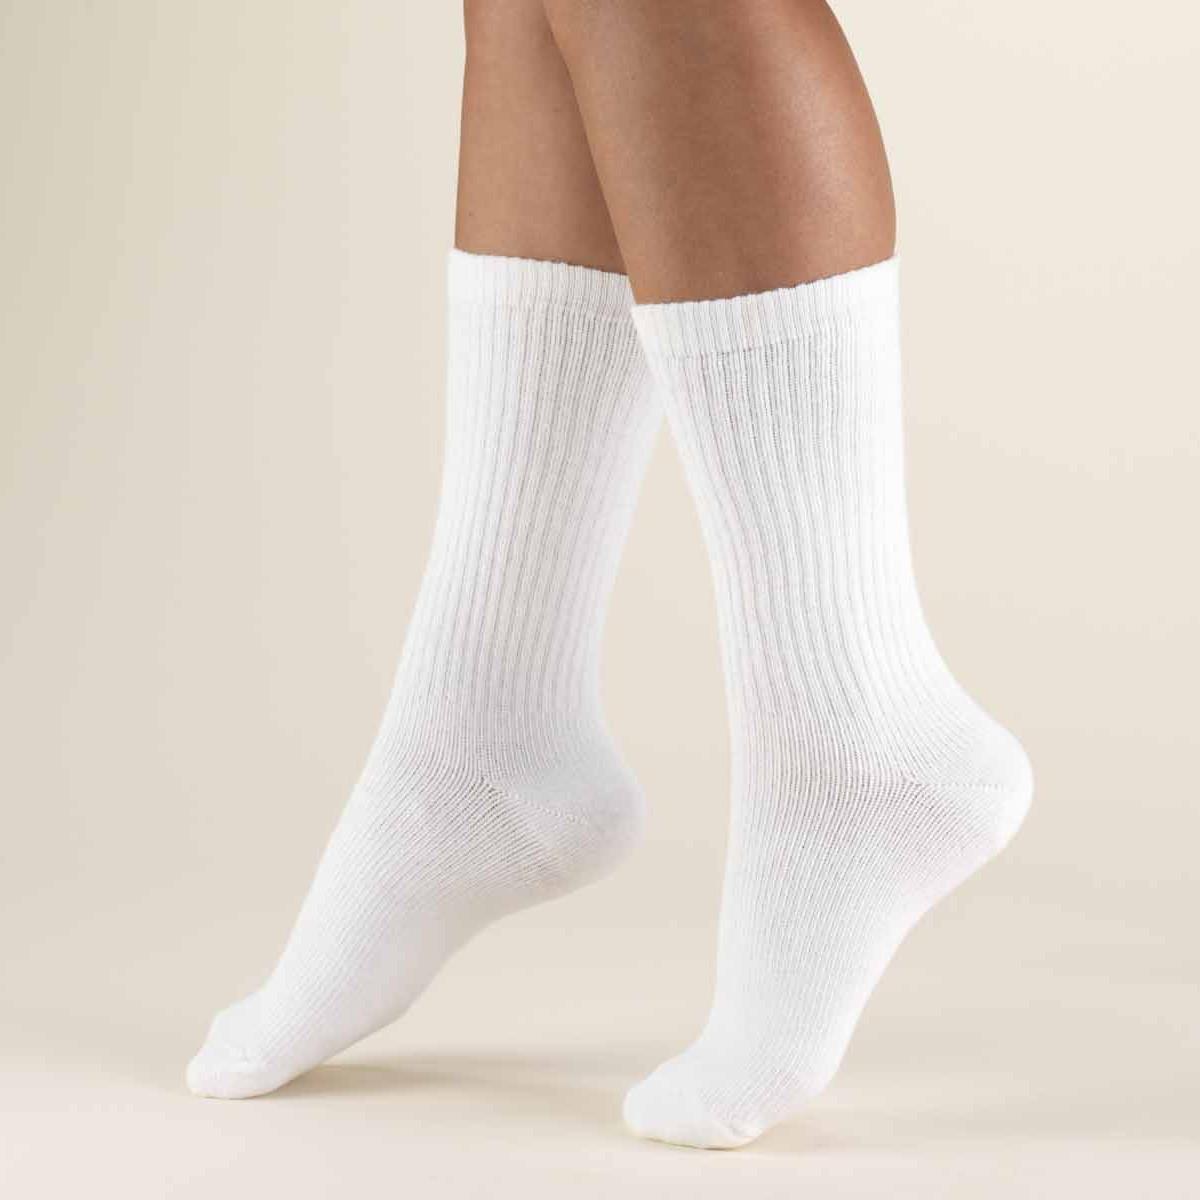 Bulk Wholesale Packs 60 Pairs Men or Women Classic and Athletic Crew Socks